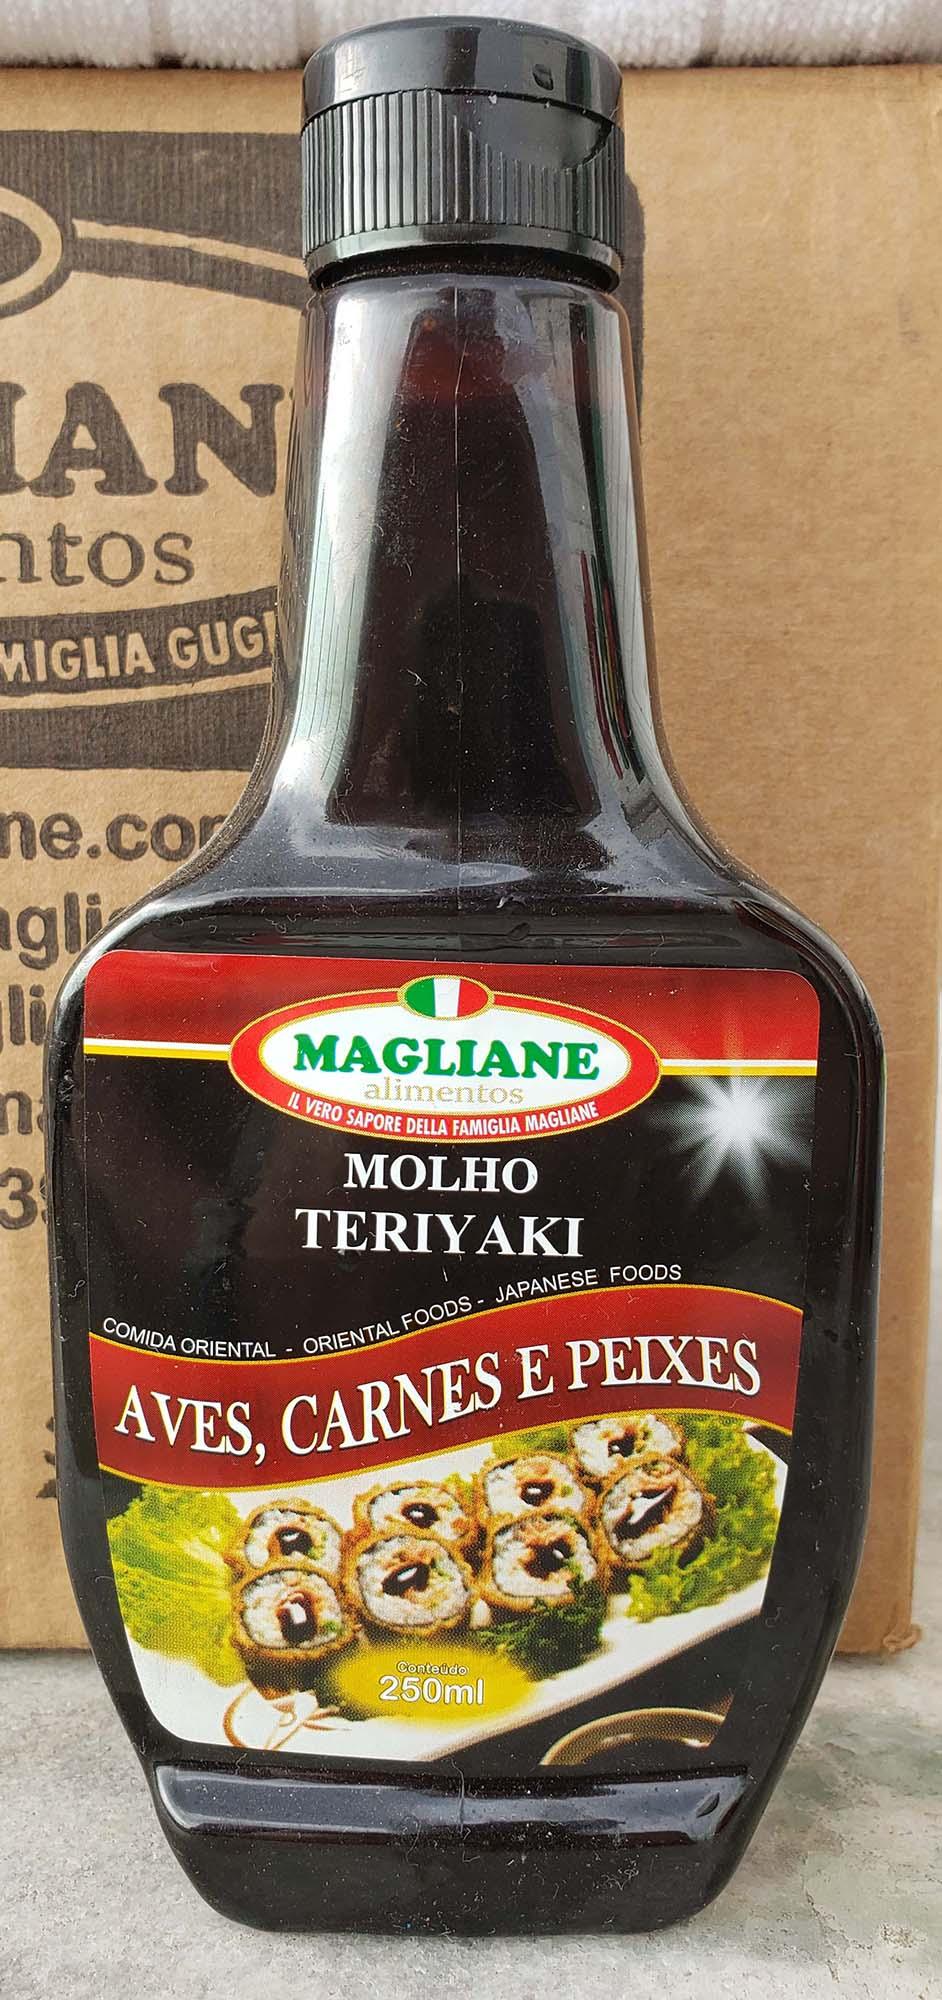 Molho Teriyaki Magliane 250ml